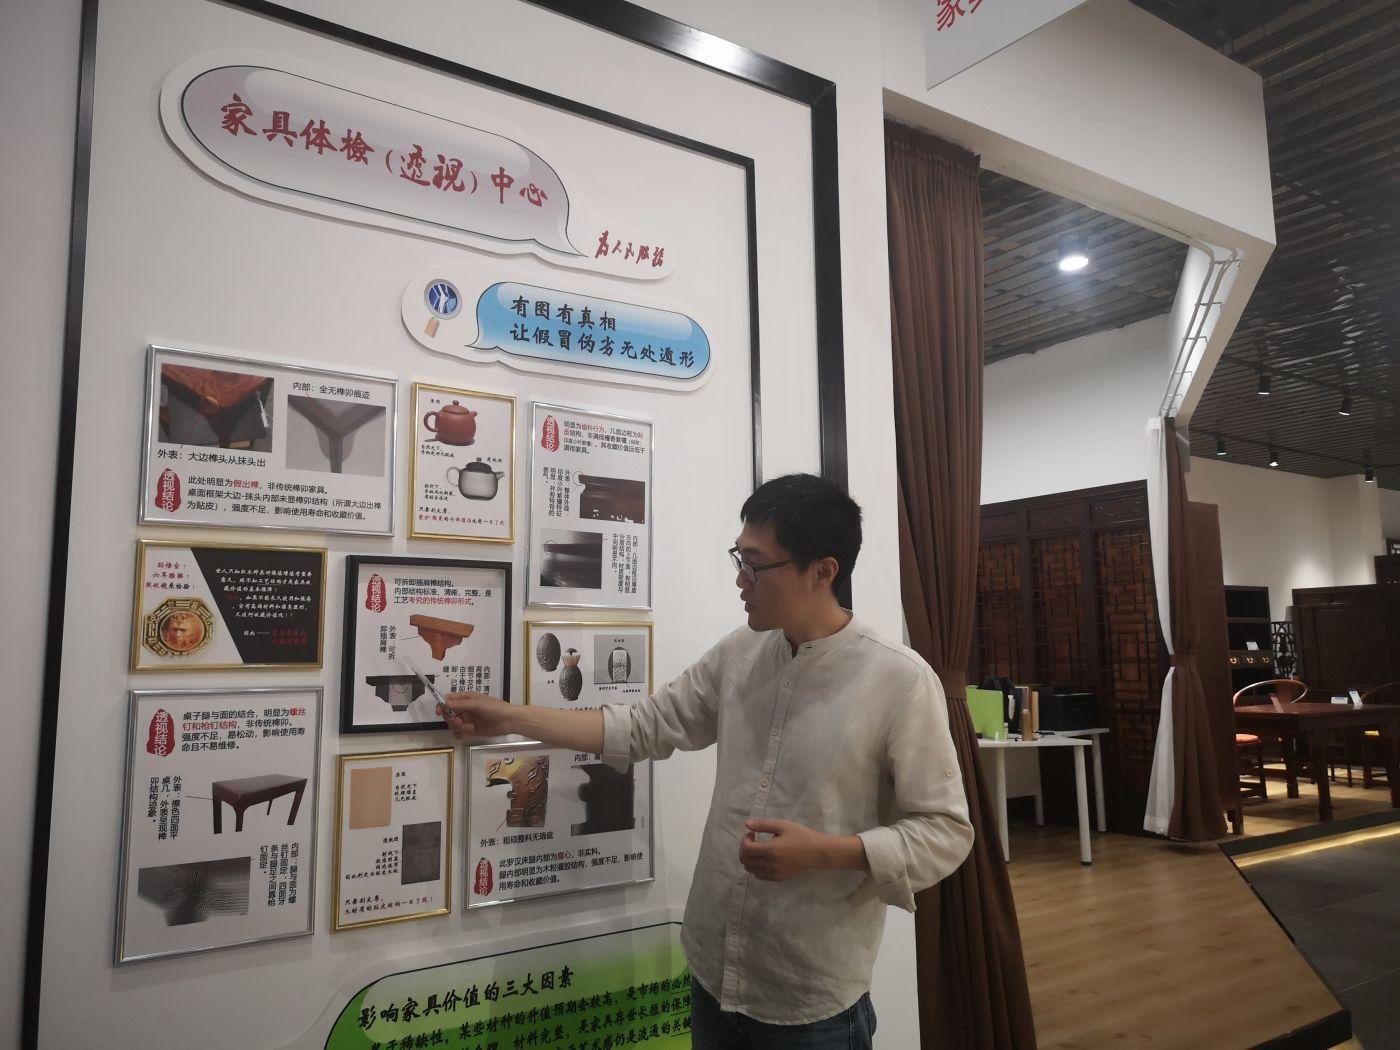 中国木材与木制品流通协会红木专委会秘书长汪立禹在展示墙前介绍红木家具造假伎俩